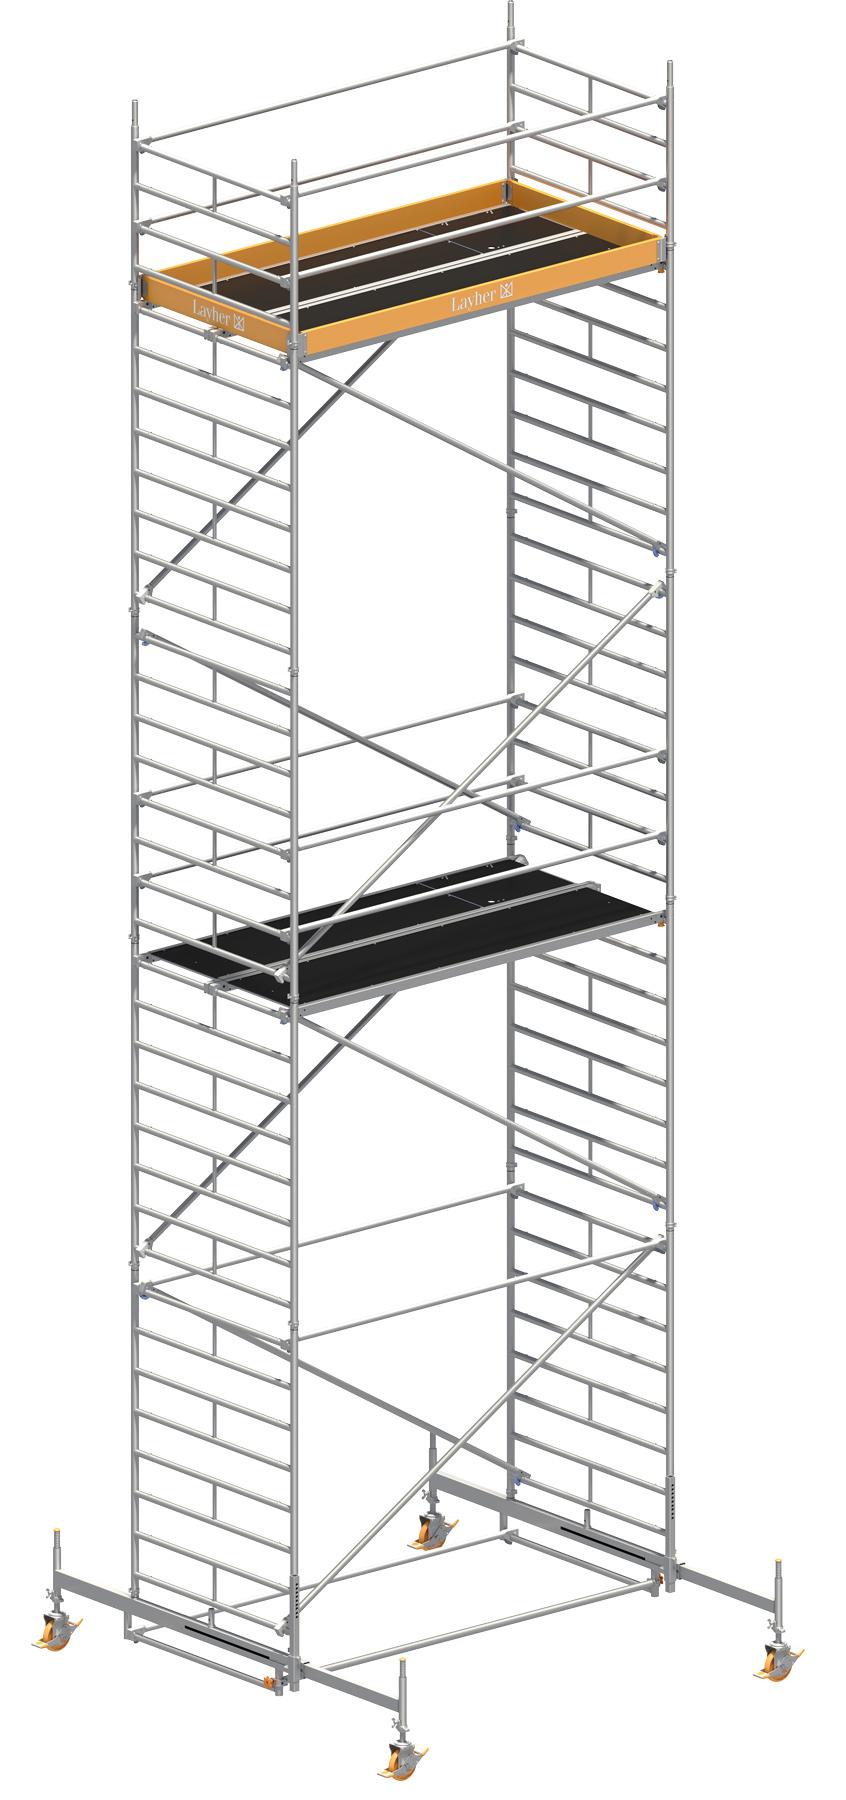 Fahrgerüst Layher Uni Breit 2108 mit Geländer-Optimierung